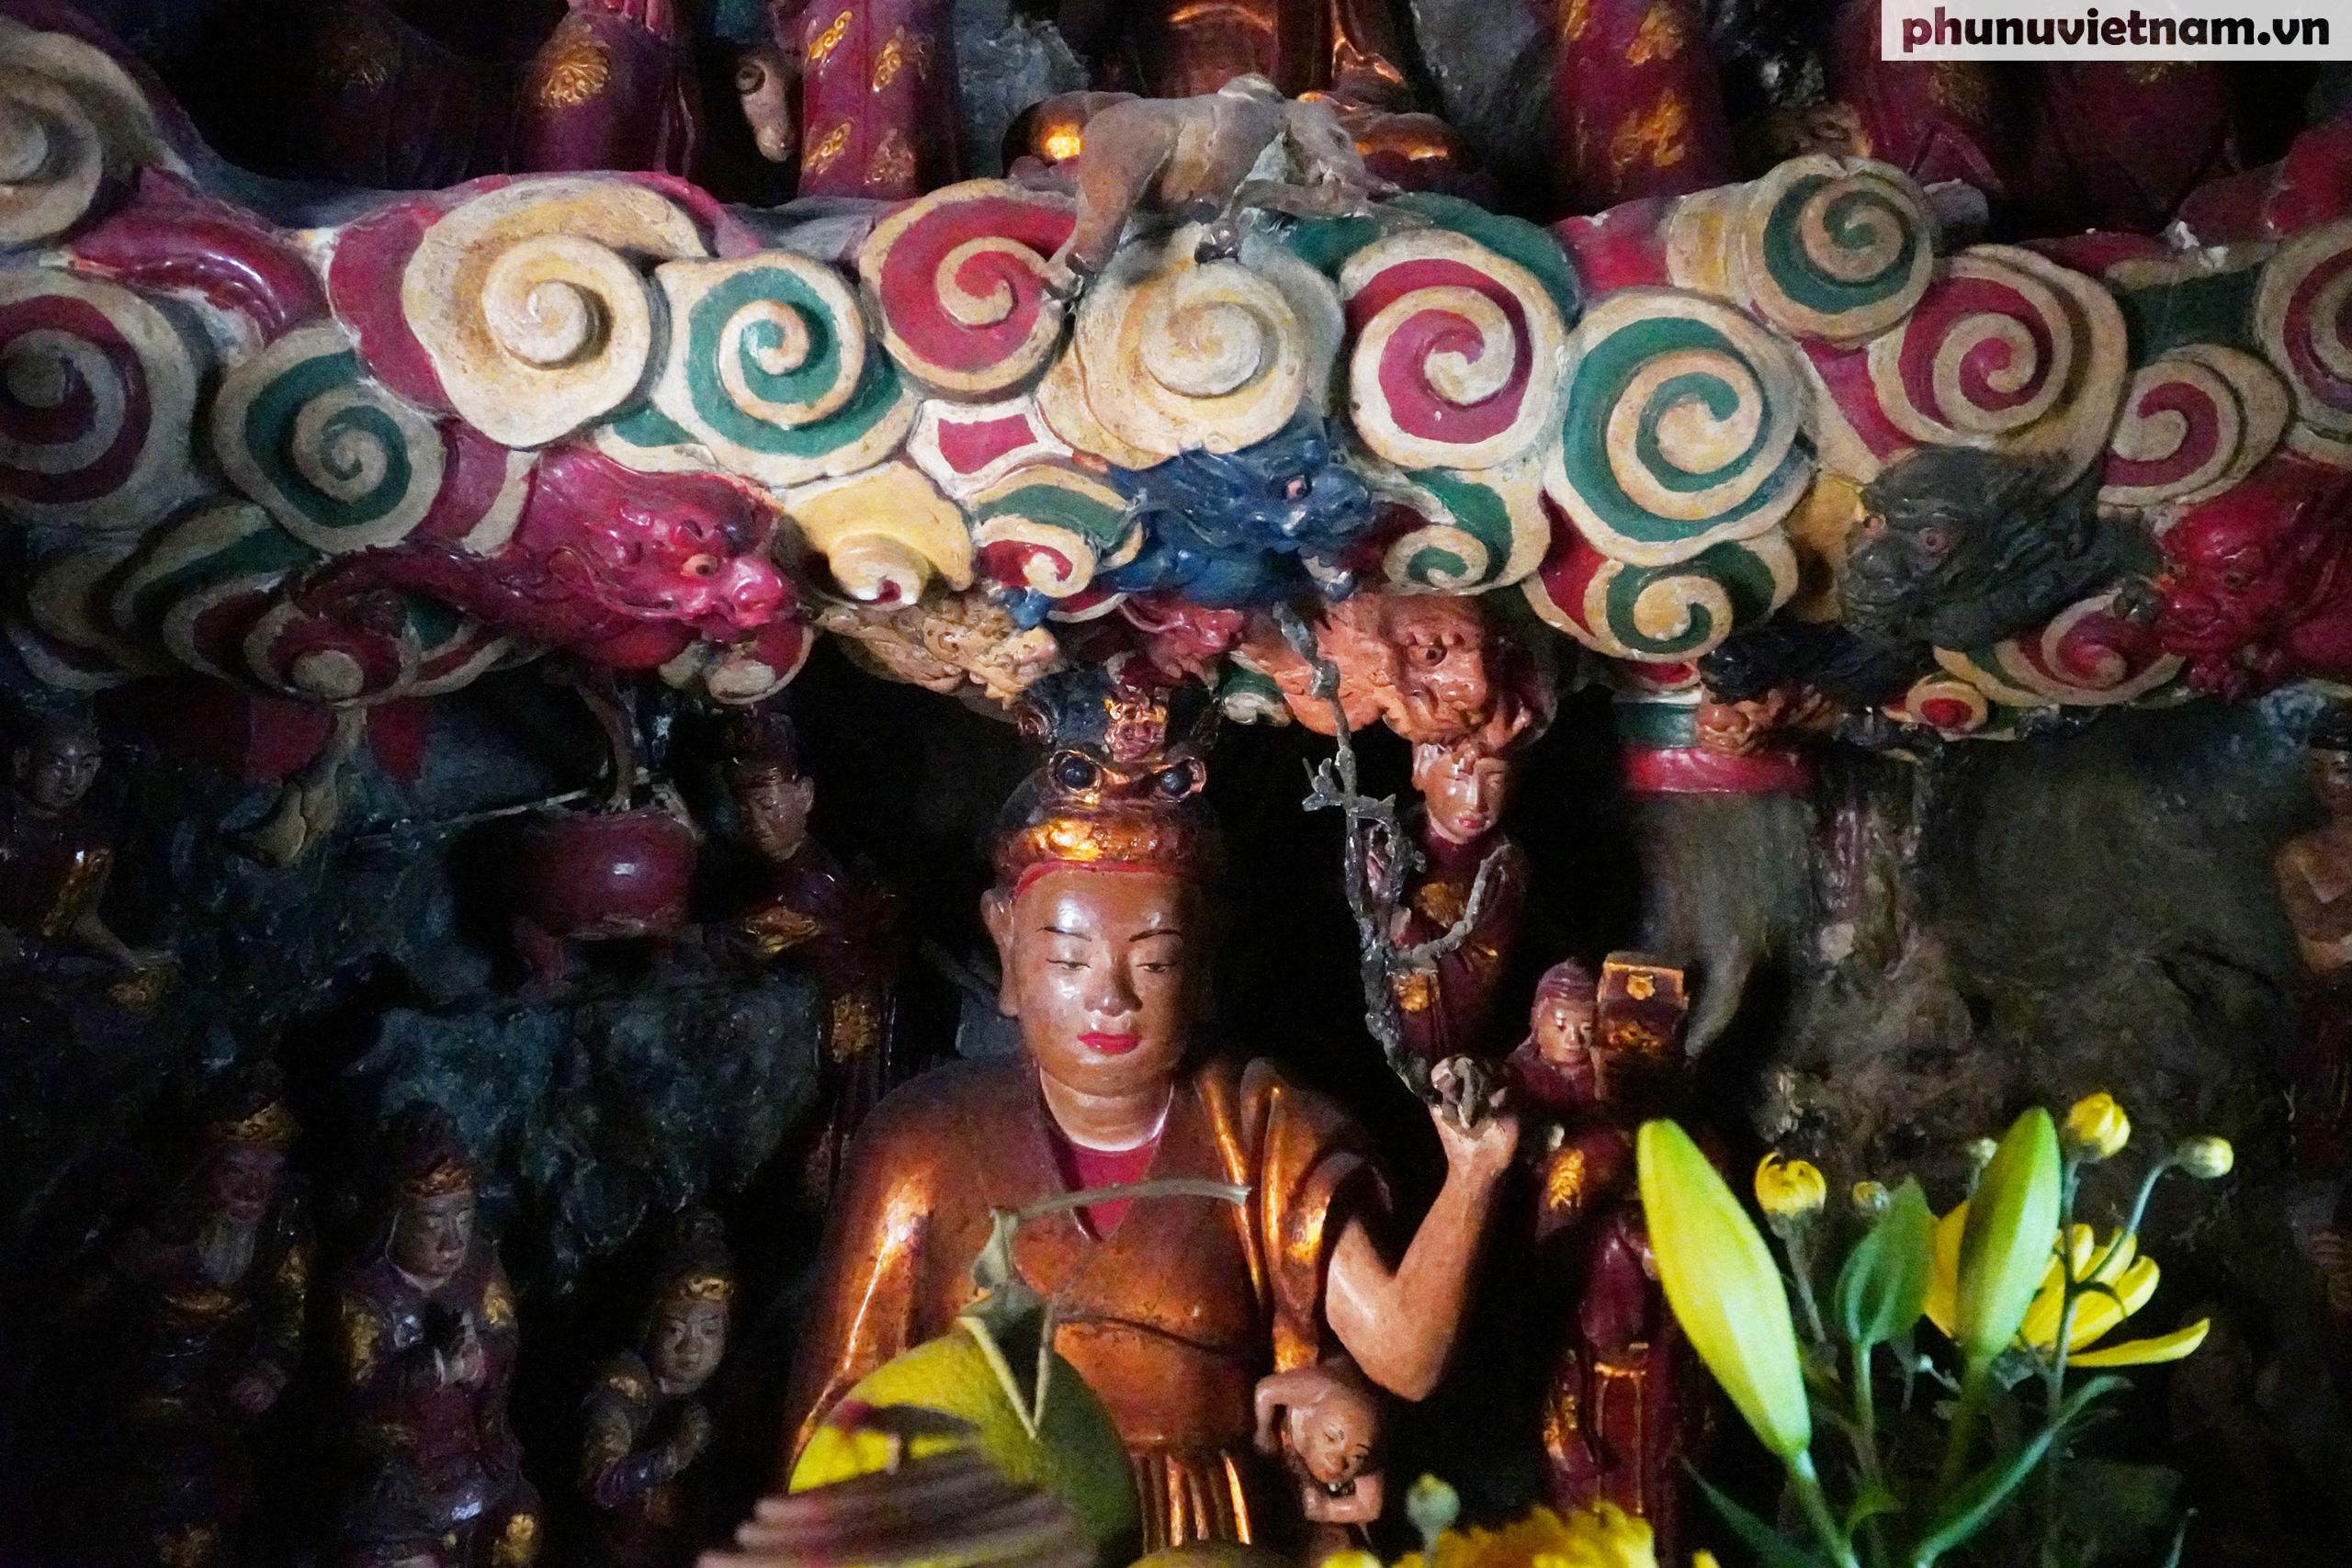 Ngỡ ngàng trước những kiệt tác bằng đất sét trên 200 tuổi về đạo Phật - Ảnh 13.